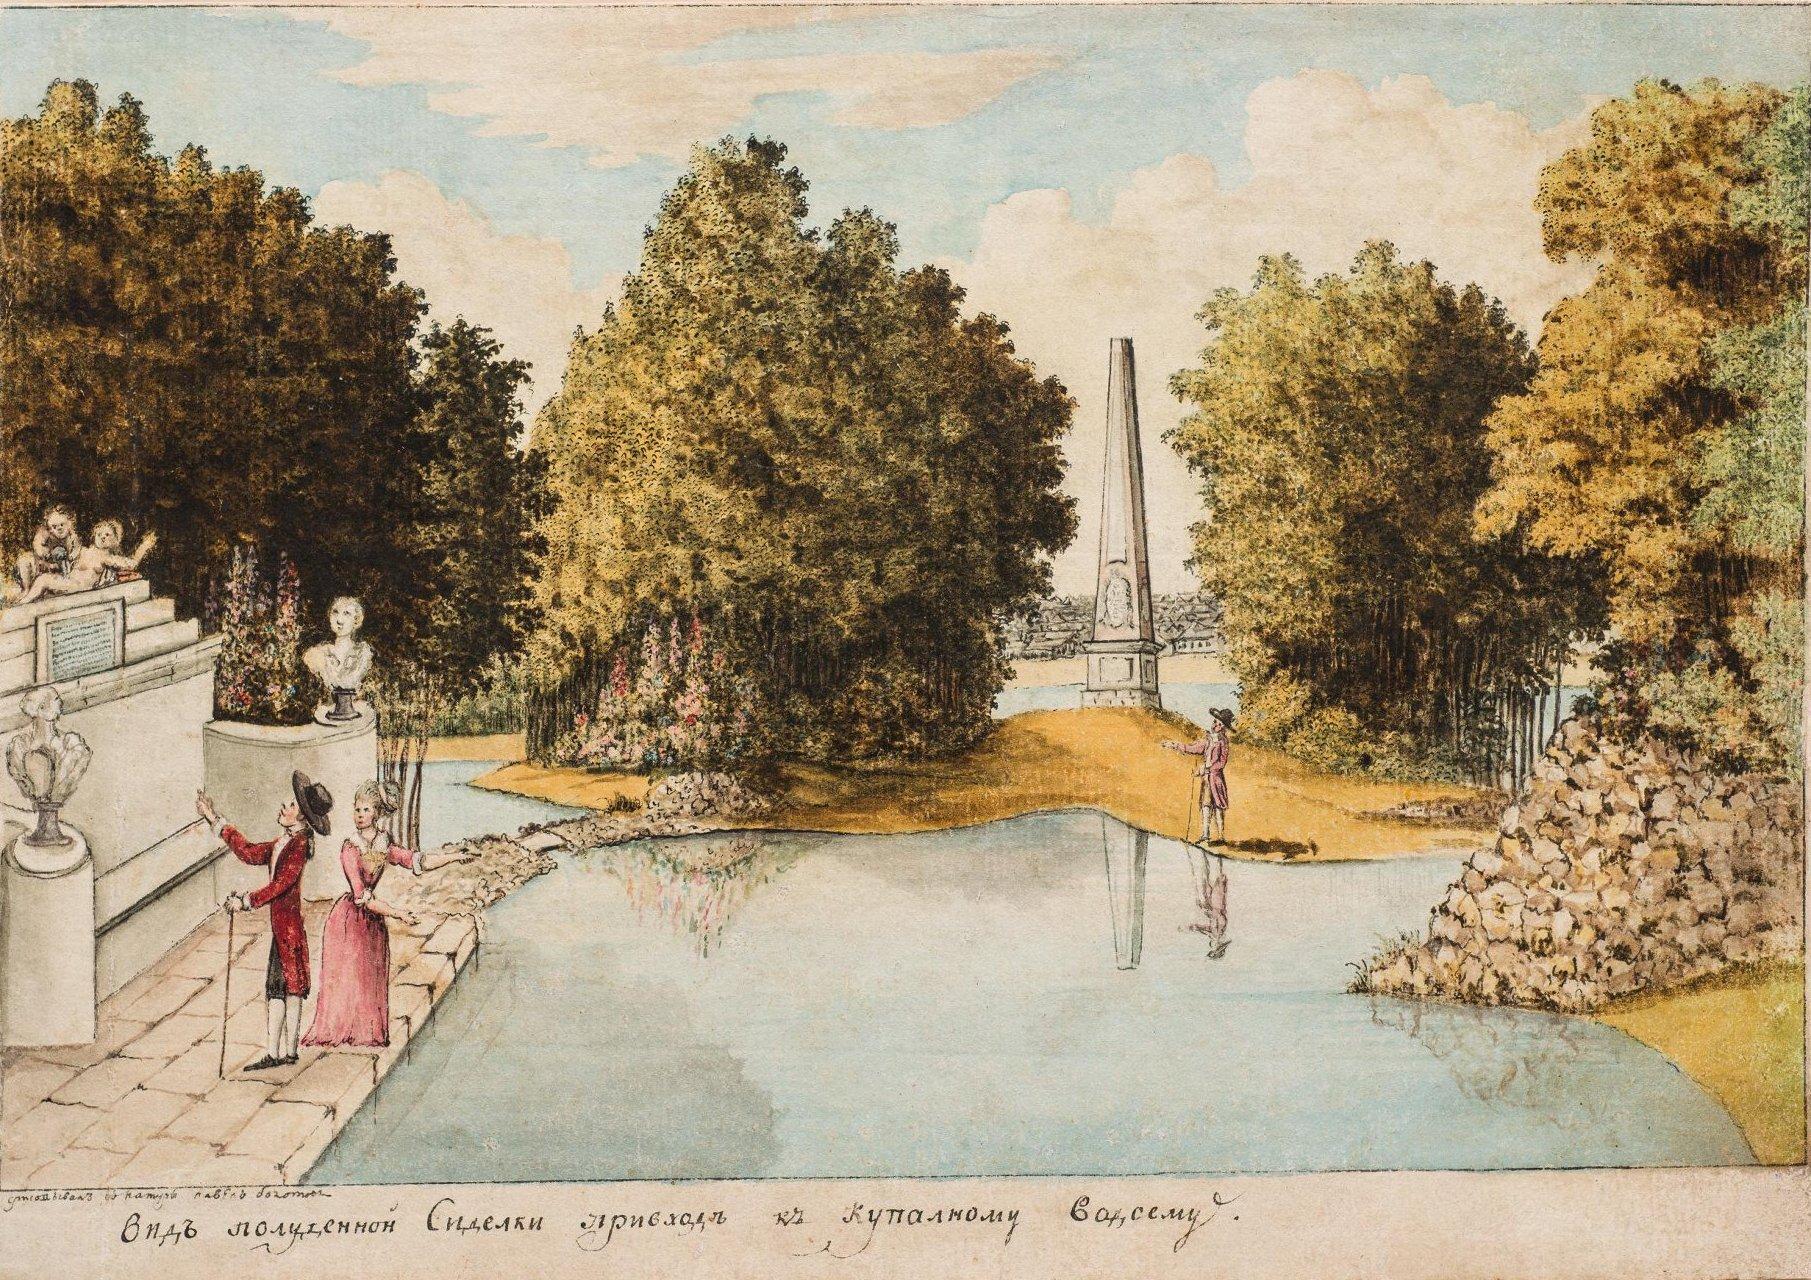 Вид на купальный пруд, обелиск и Полуденную сиделку в Богородицком парке (Вид полуденной сиделки при входе к купалному водоему)